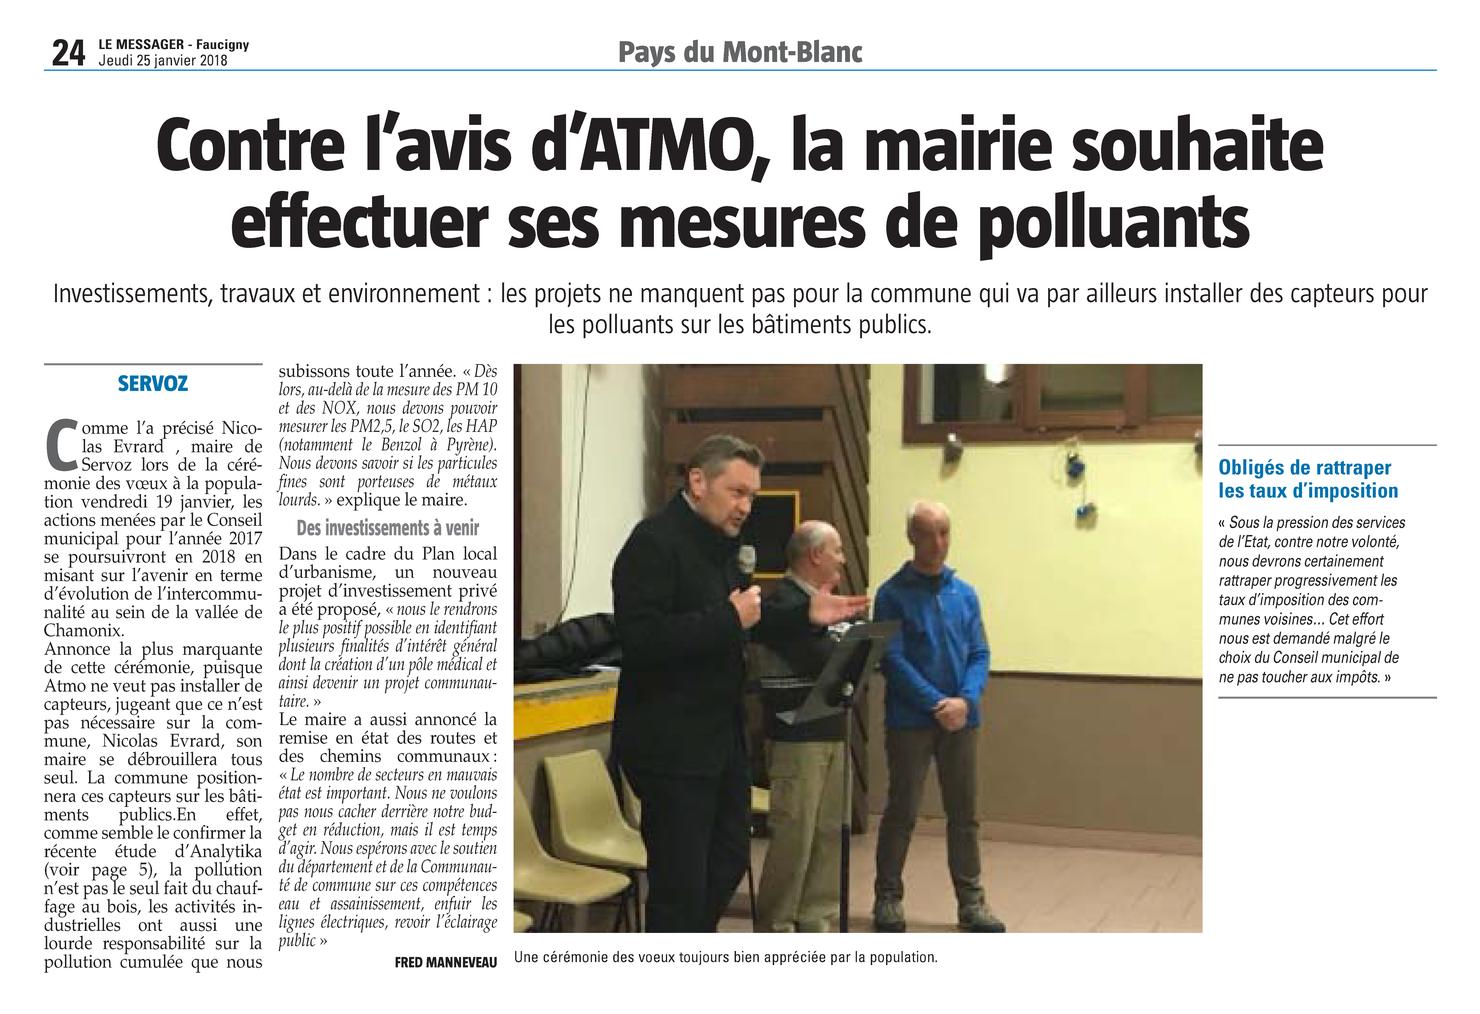 """25.01.2018 > LE MESSAGER : """"Contre l'avis d'ATMO, la mairie de Servoz souhaite effectuer ses mesures de polluants"""""""